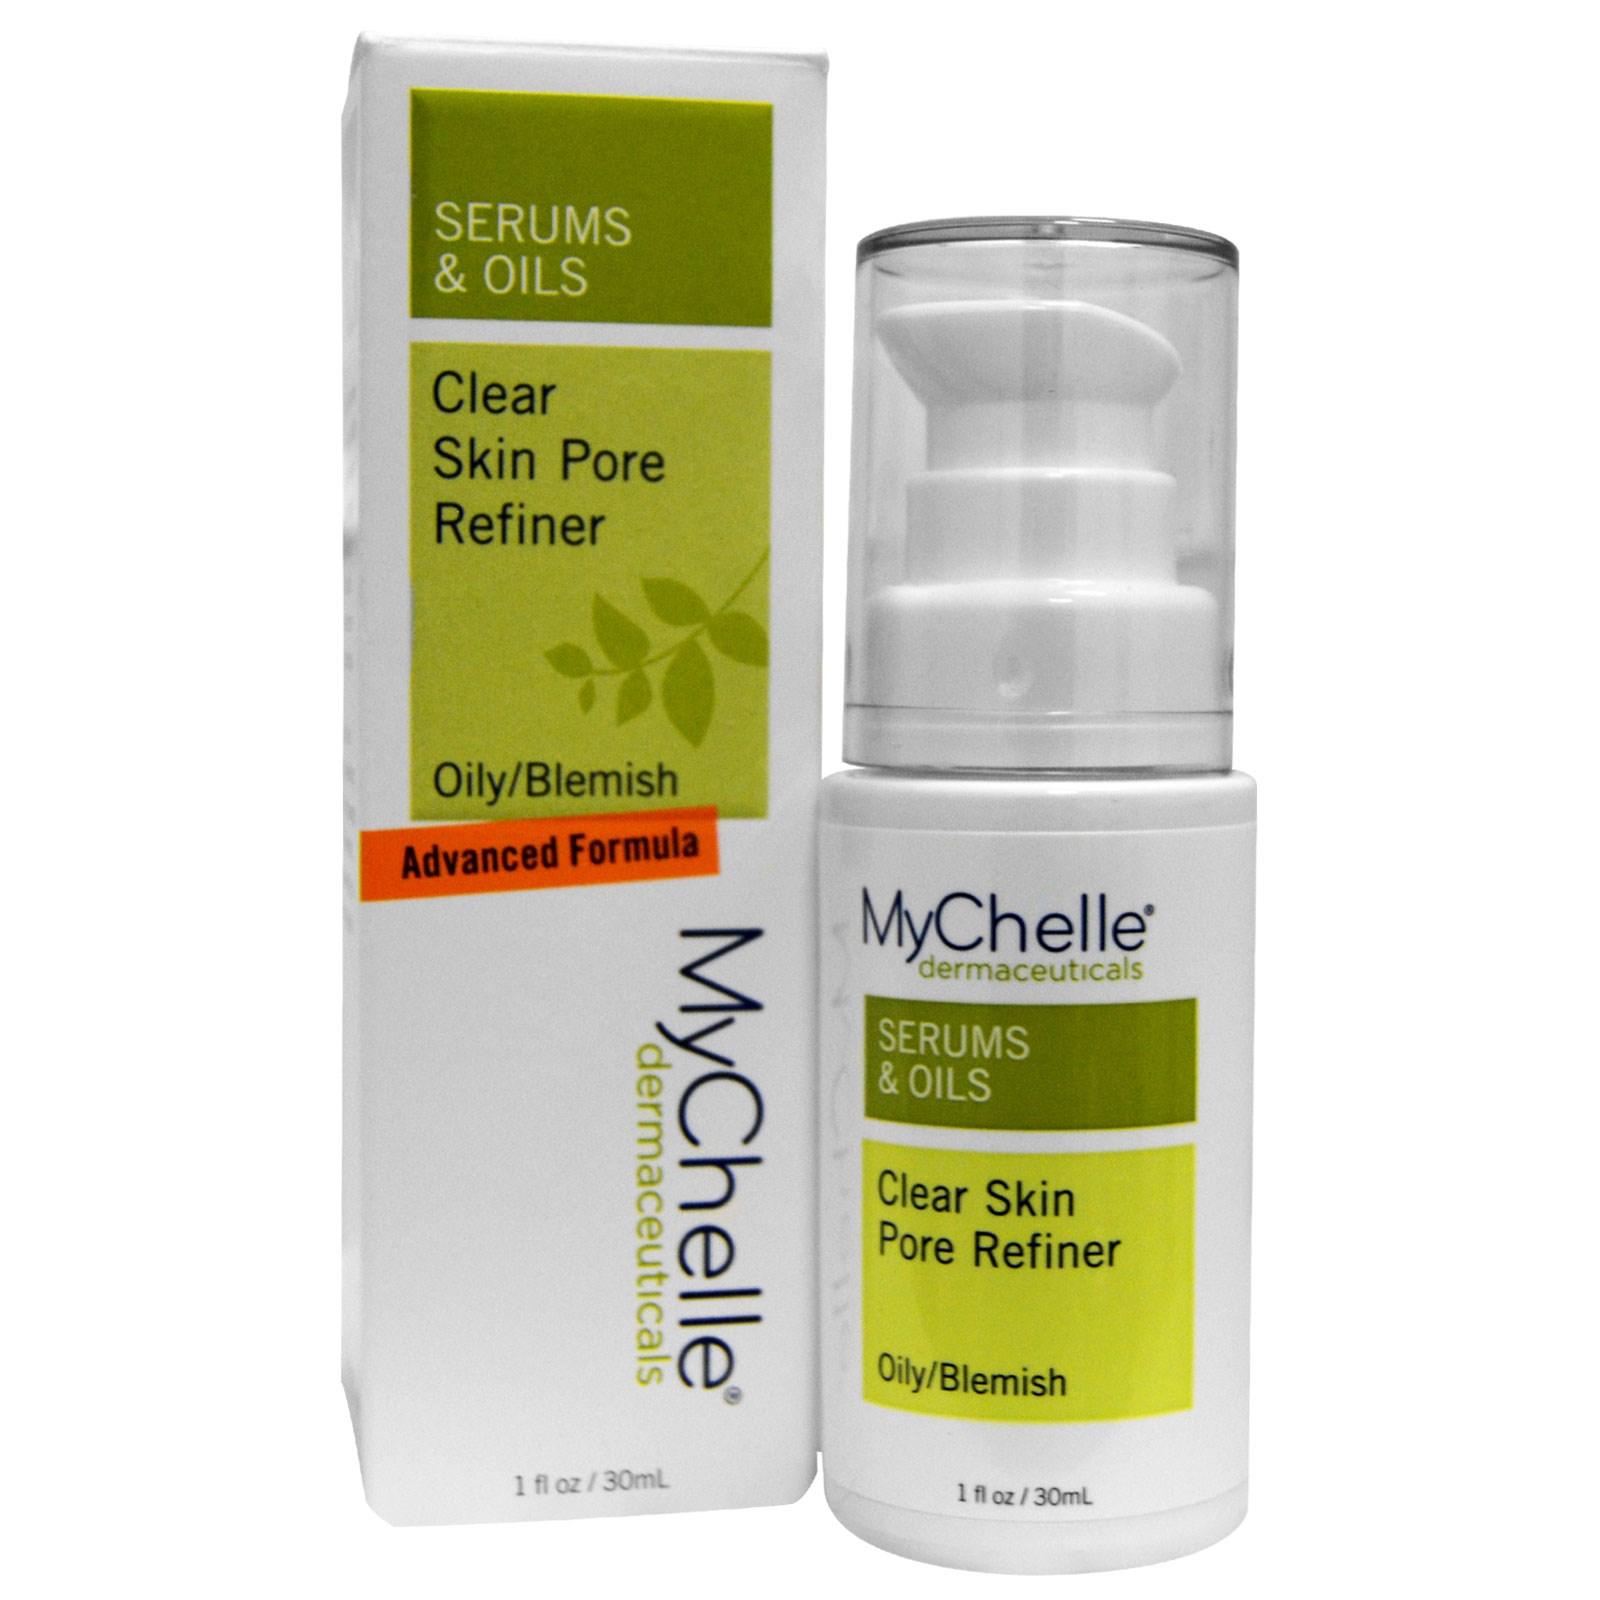 Сыворотка для уменьшения размера пор MyChelle Dermaceuticals (30 мл)